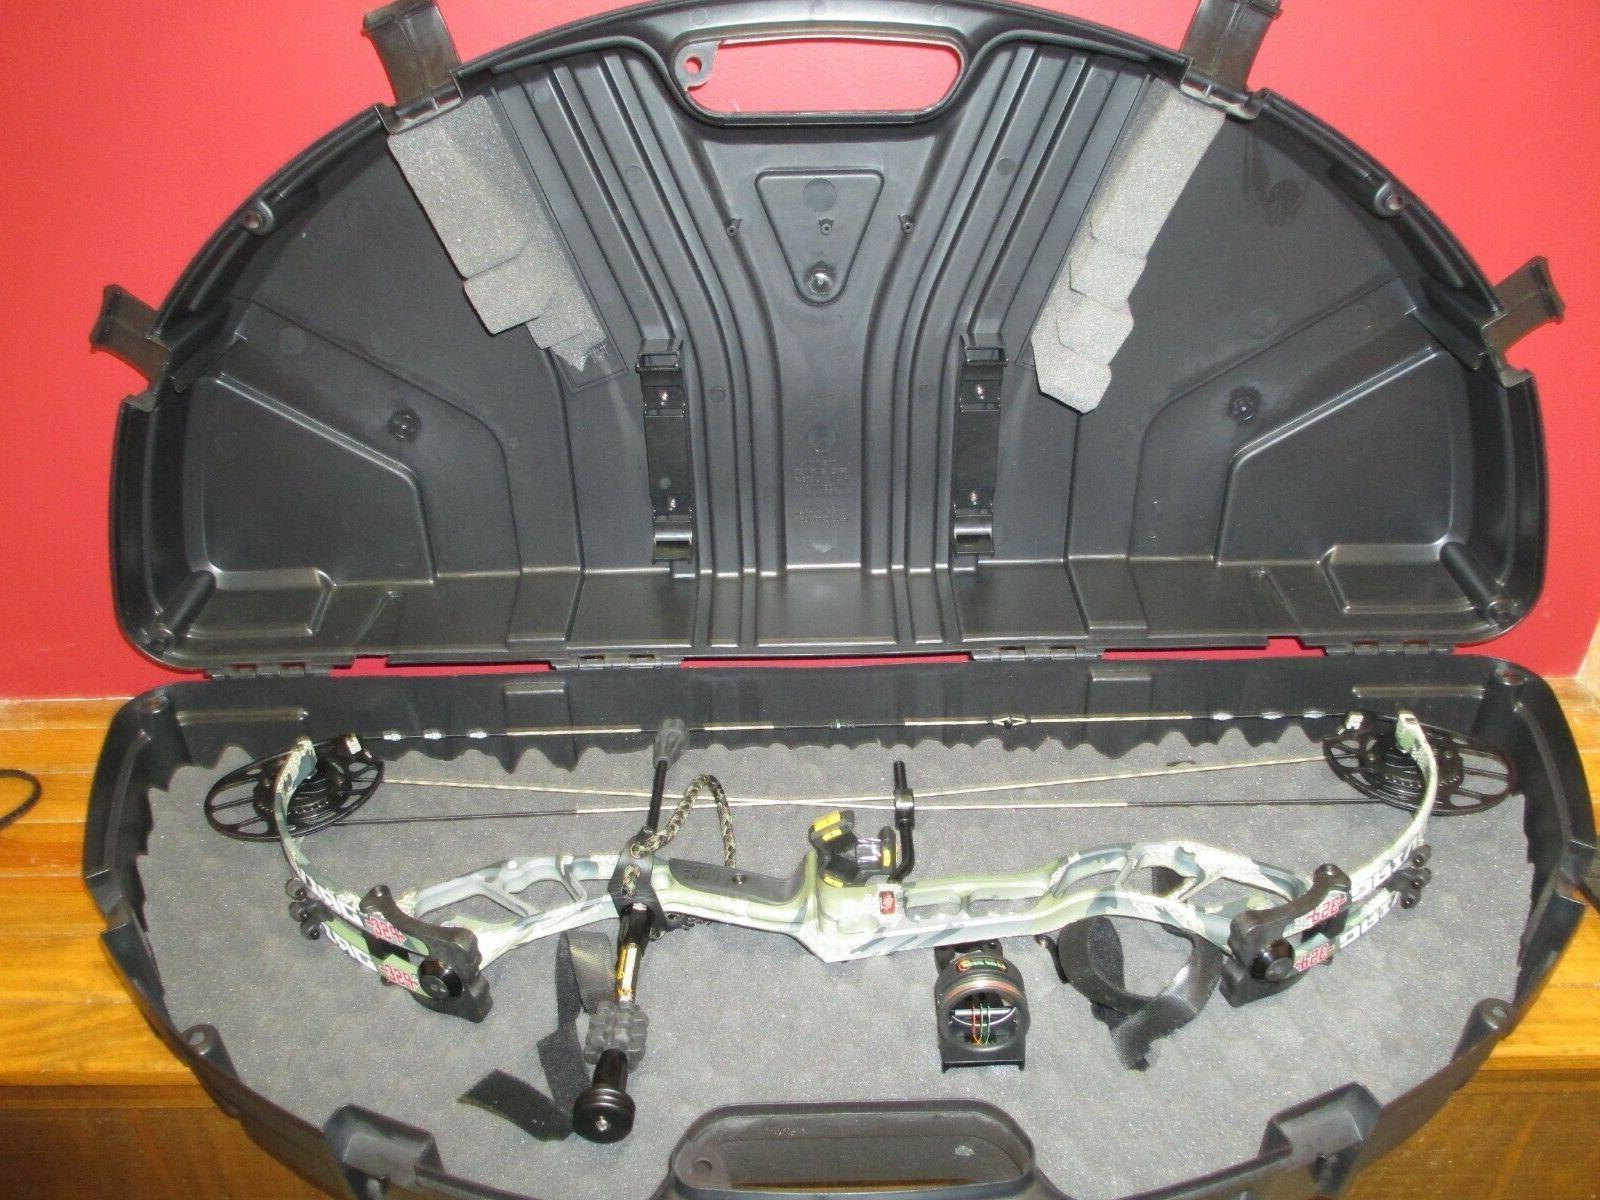 PSE DRIVE 3B XL COMPOUND BOW PKG Bowcase Rest Sight Stabiliz